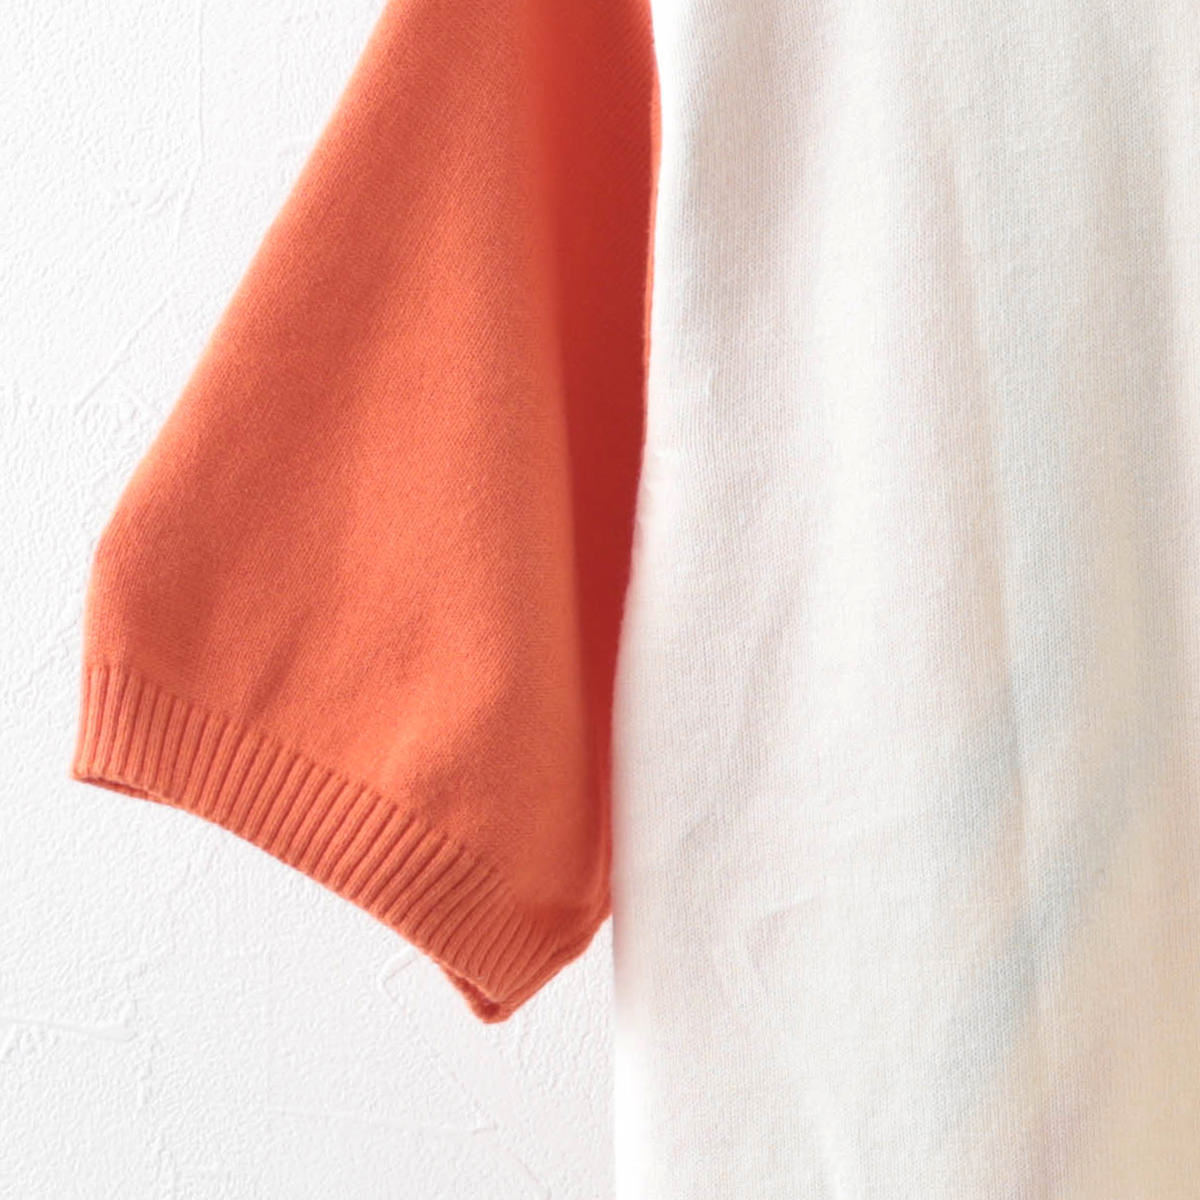 Madcap England マッドキャップ メンズ ポロシャツ ファネルネック ジップスルー ストライプ オレンジクリーム